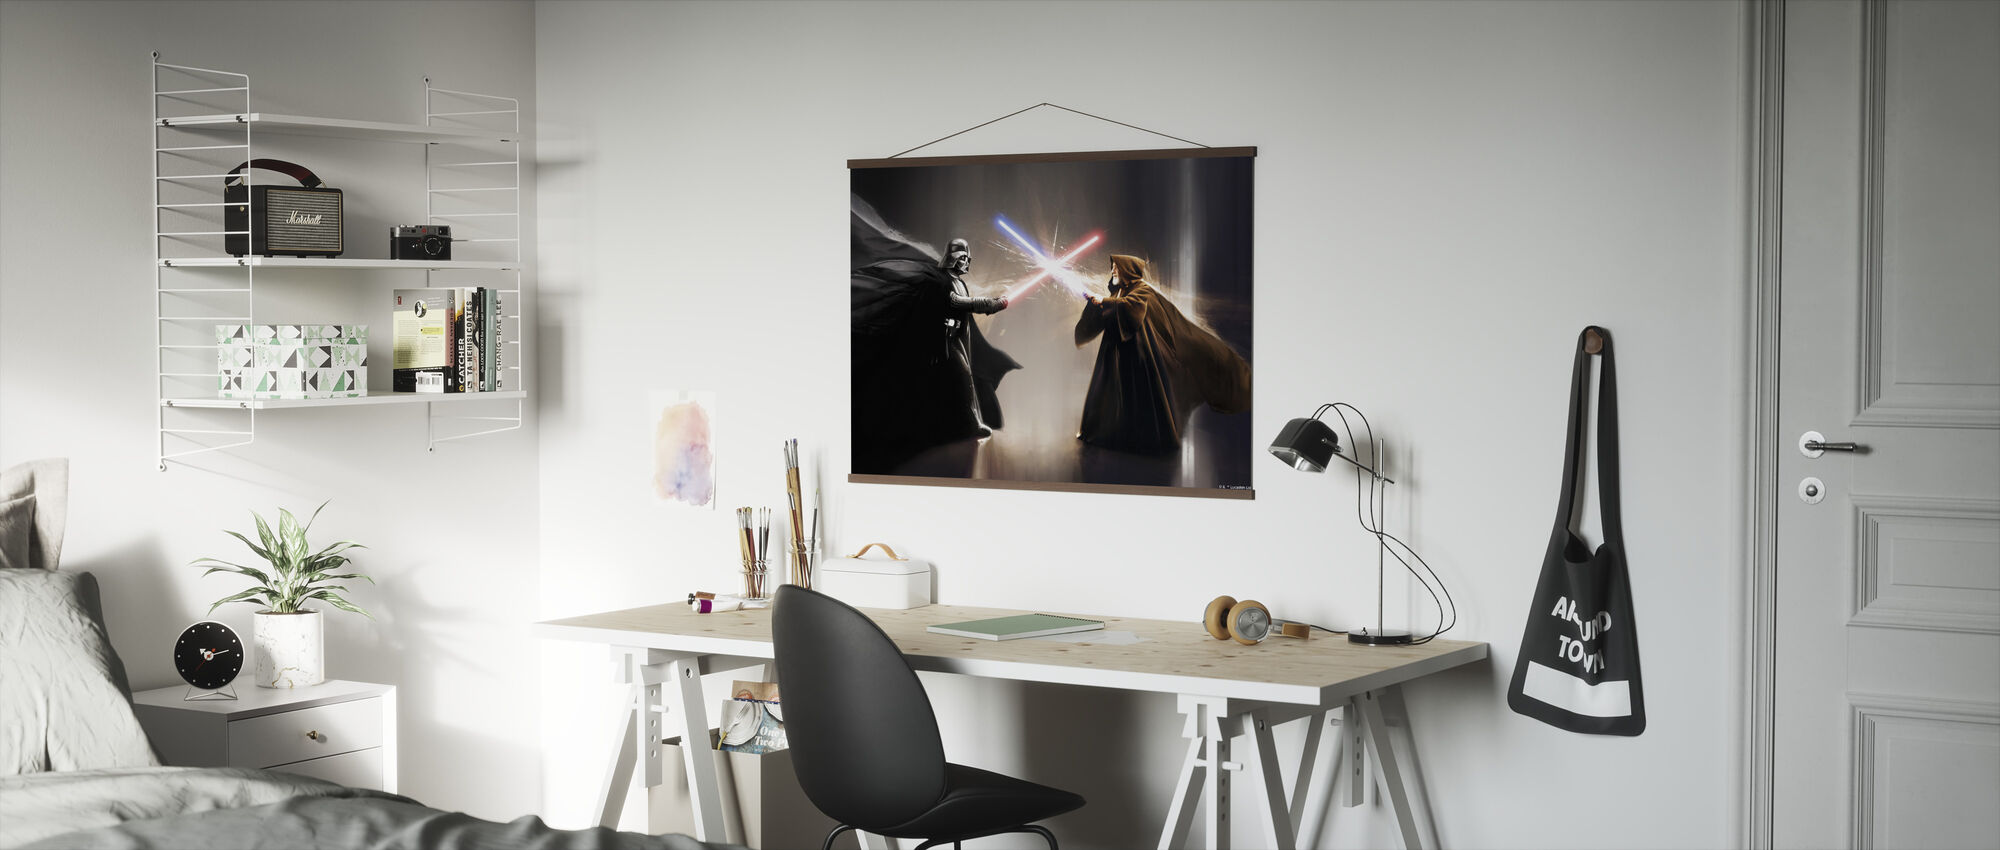 Stjärnornas krig - Darth Vader och Obi-Wan Kenobi - Poster - Kontor